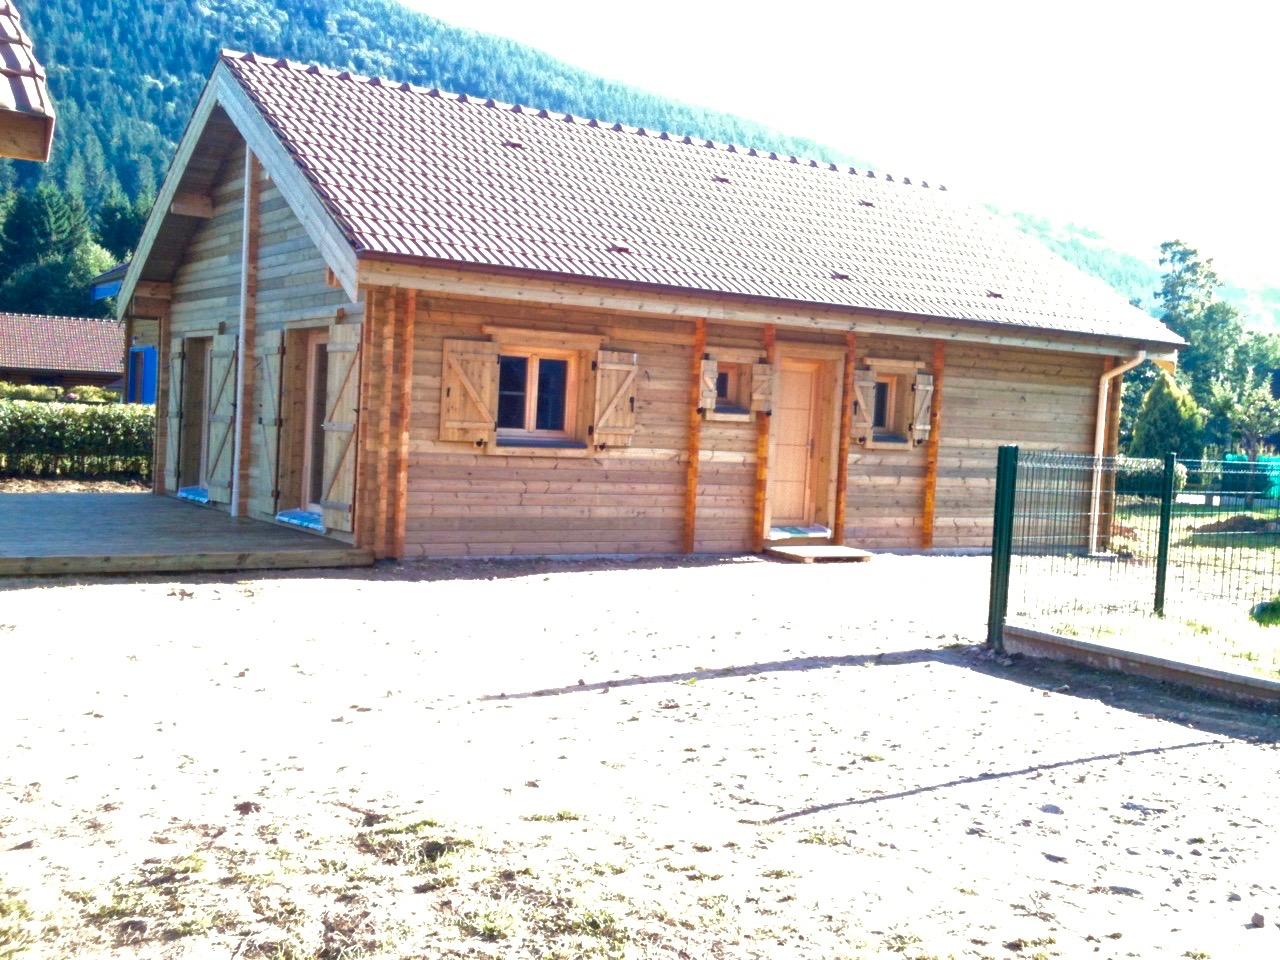 maison en madrier montagnarde traditionnelle 2